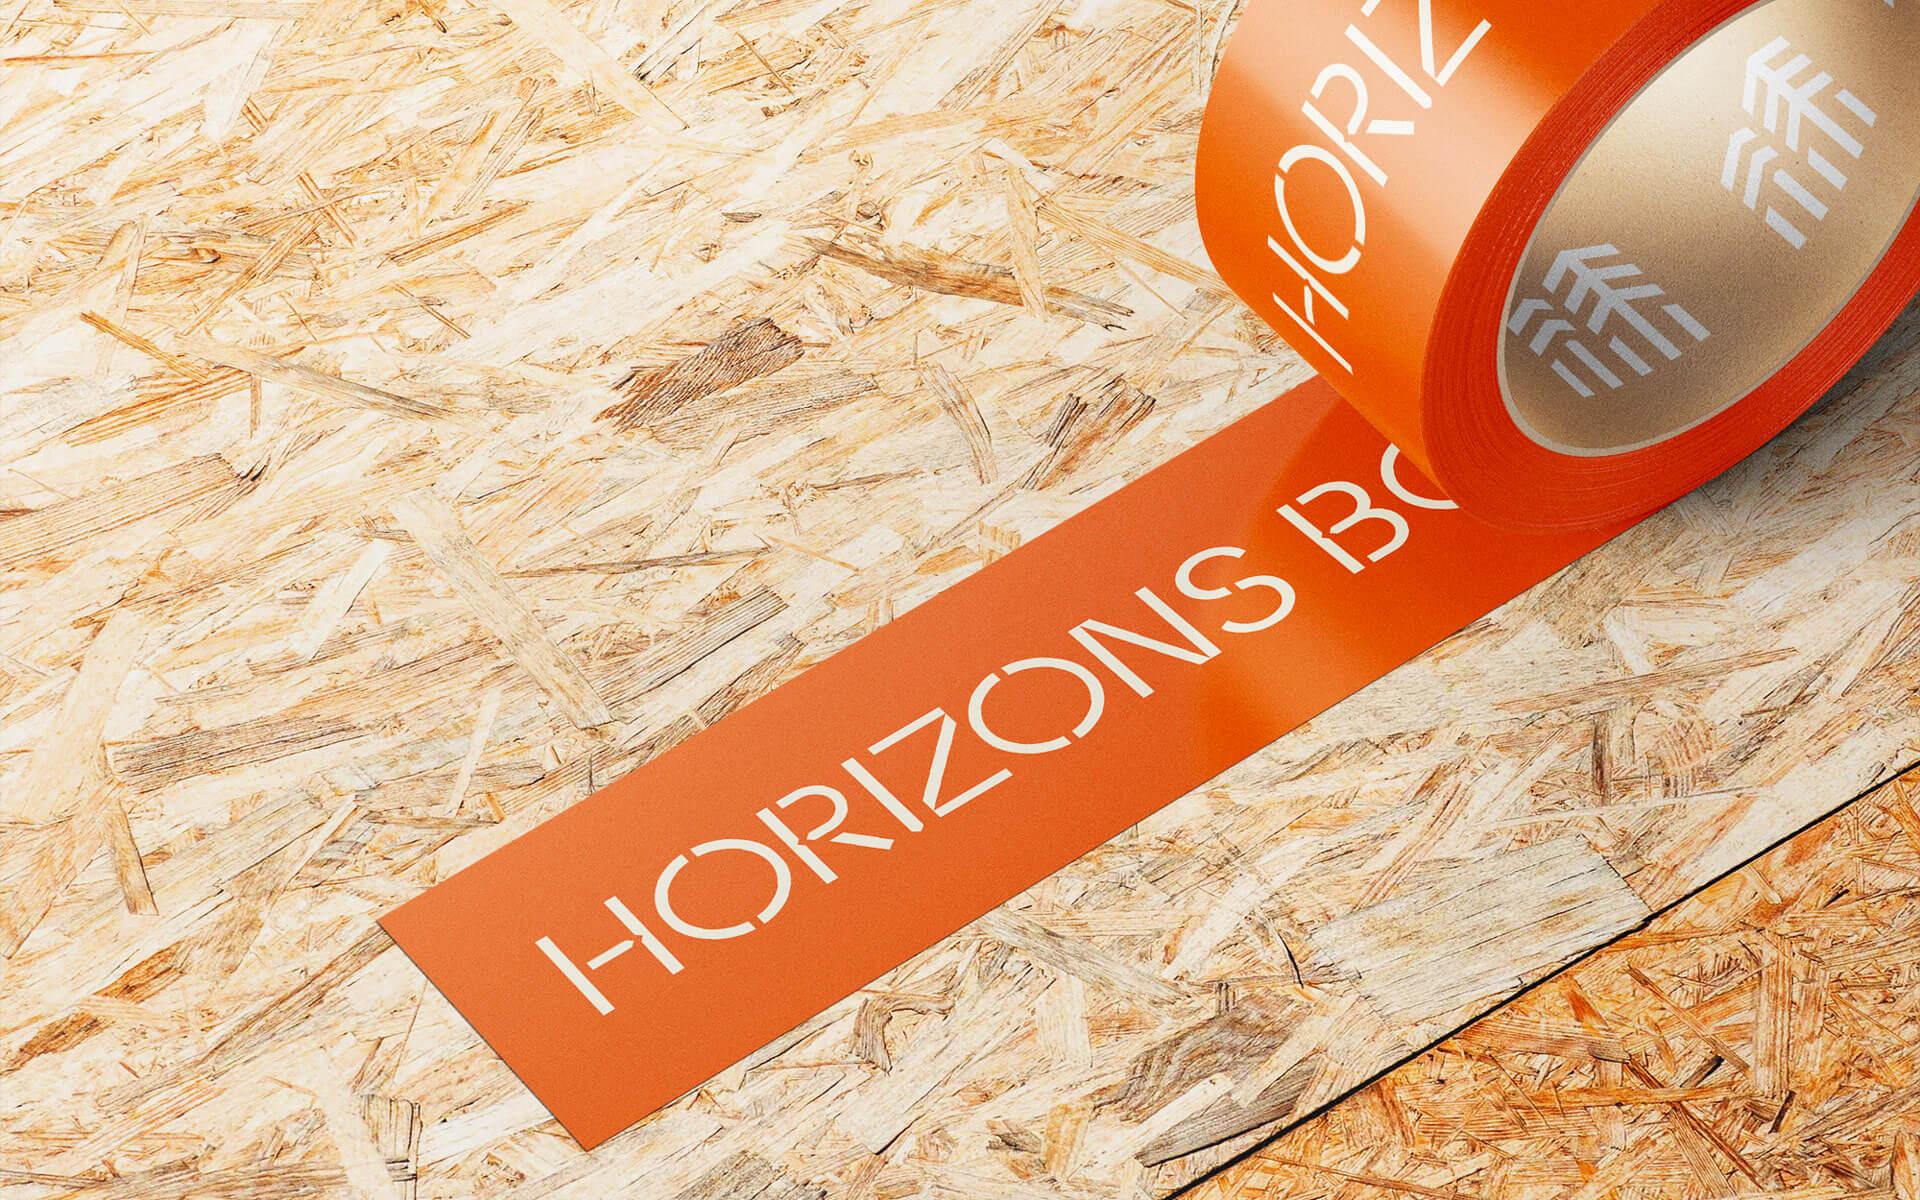 Exemple application de identite visuelle Horizons Bois